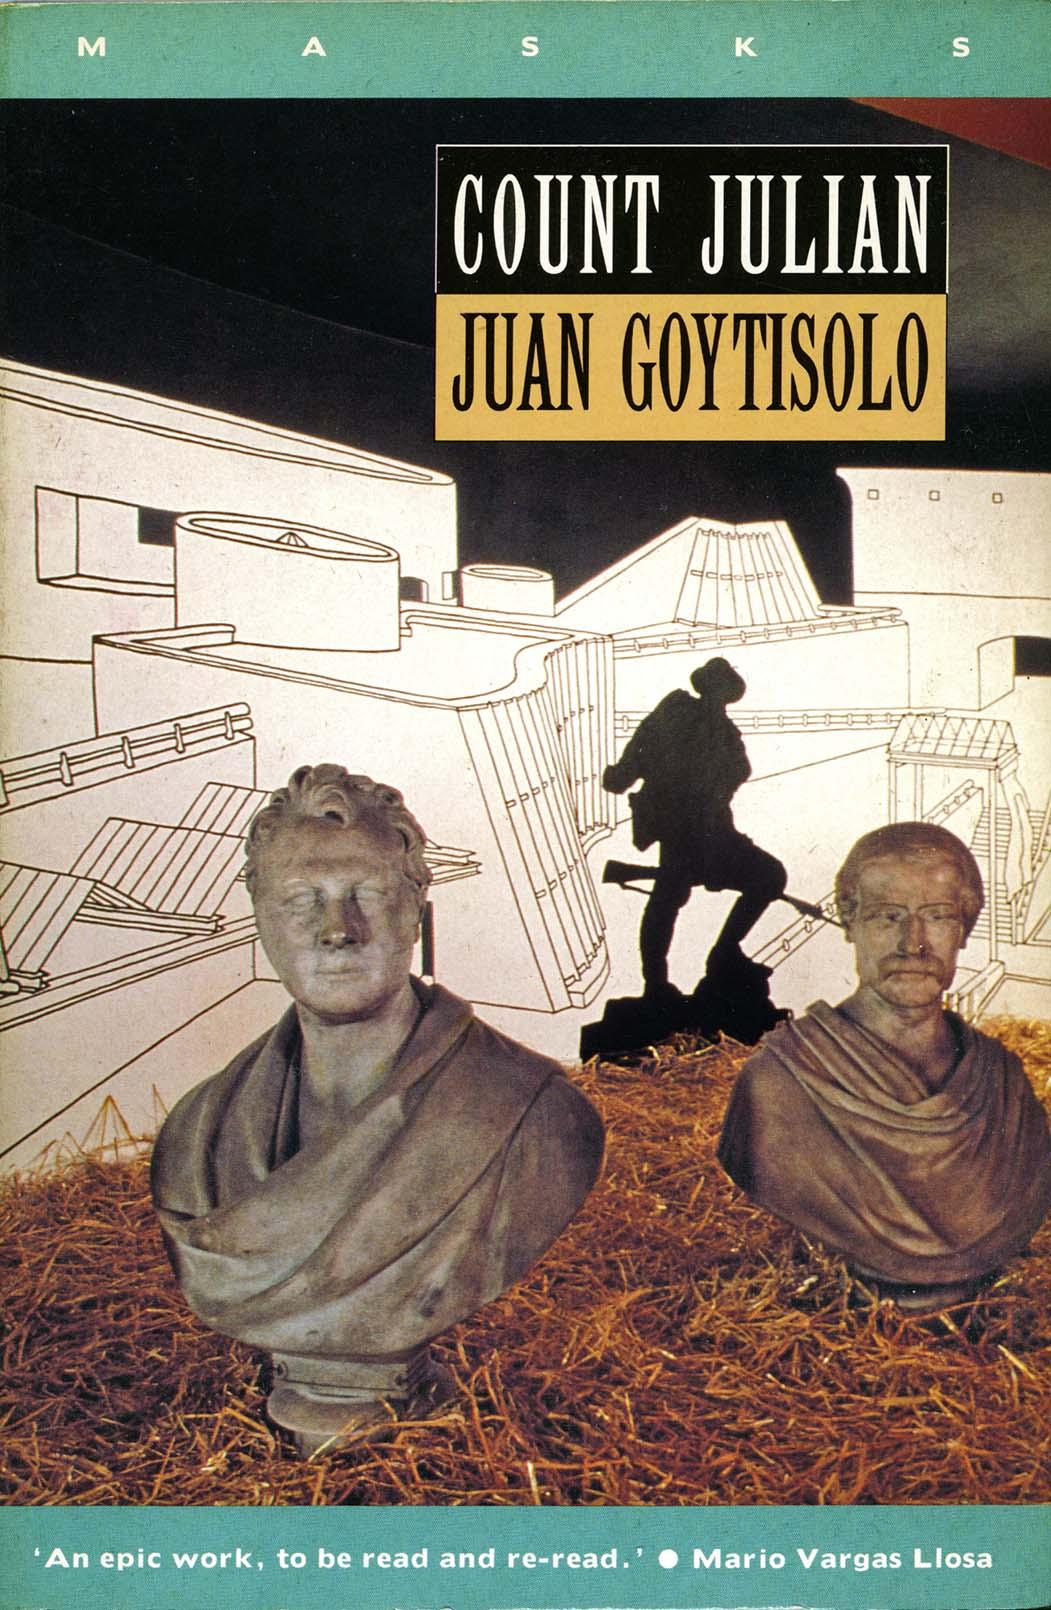 Count Julian Juan Goytisolo